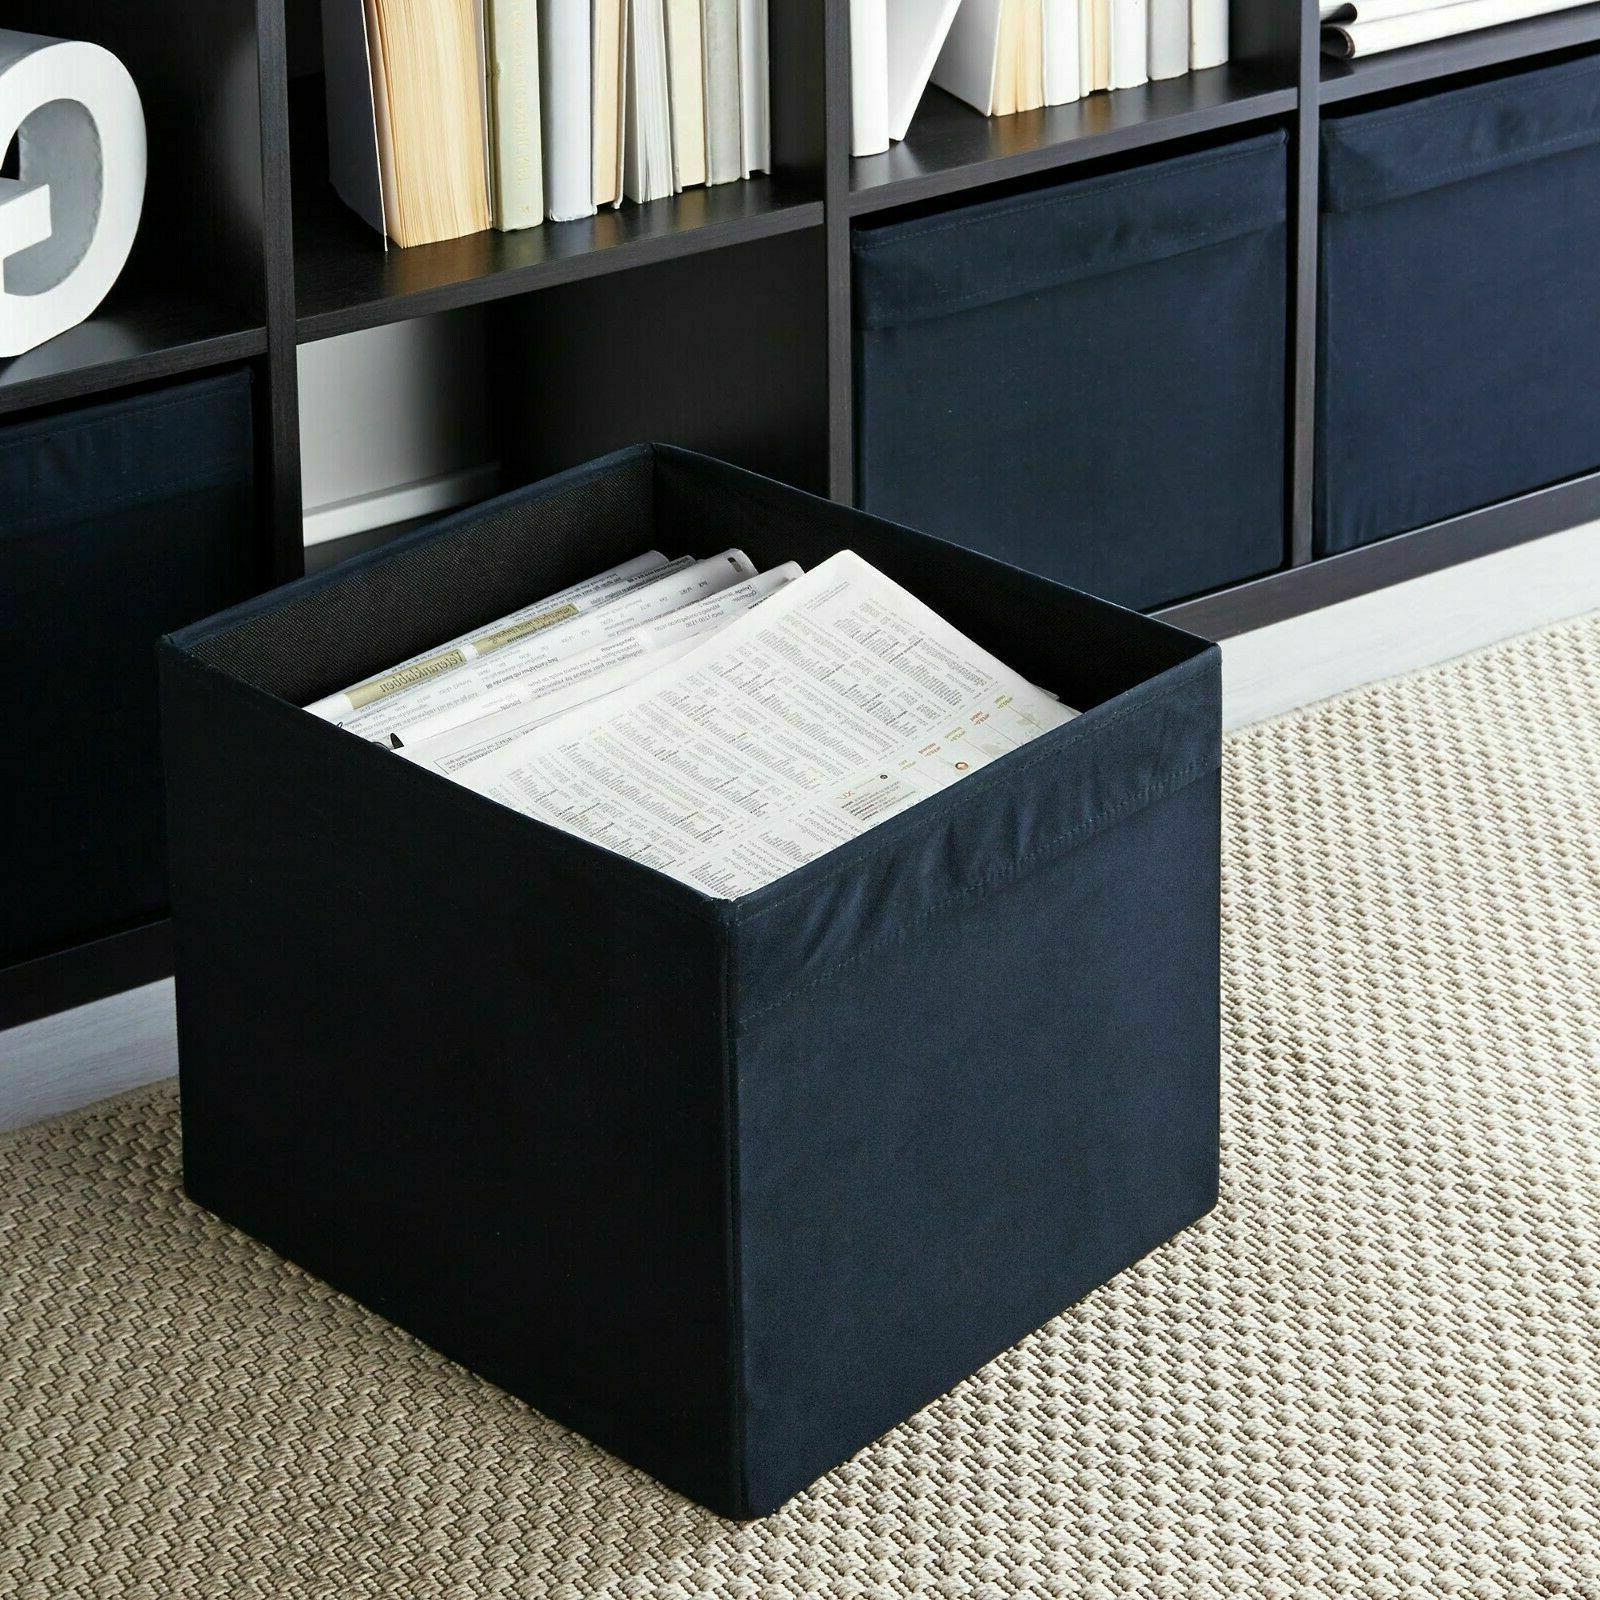 Ikea 2 Storage Organizers Fits/